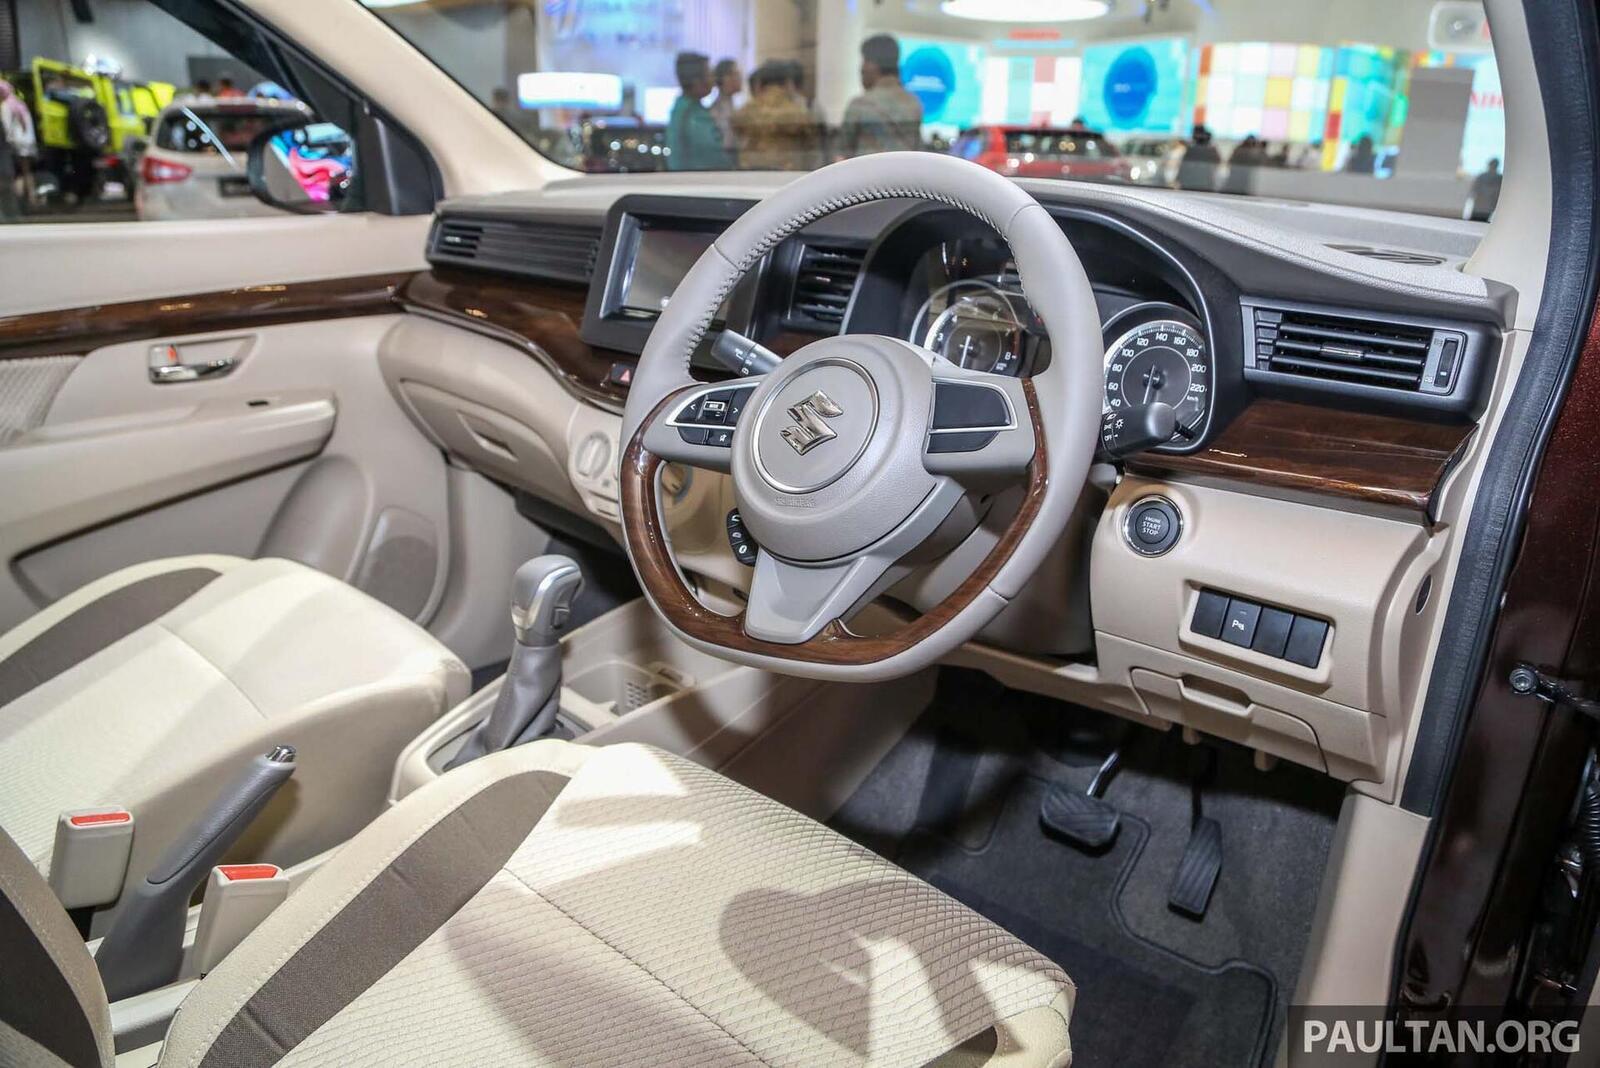 Suzuki Ertiga thế hệ mới có giá từ 486 triệu đồng tại Thái Lan; chưa hẹn ngày về Việt Nam - Hình 9